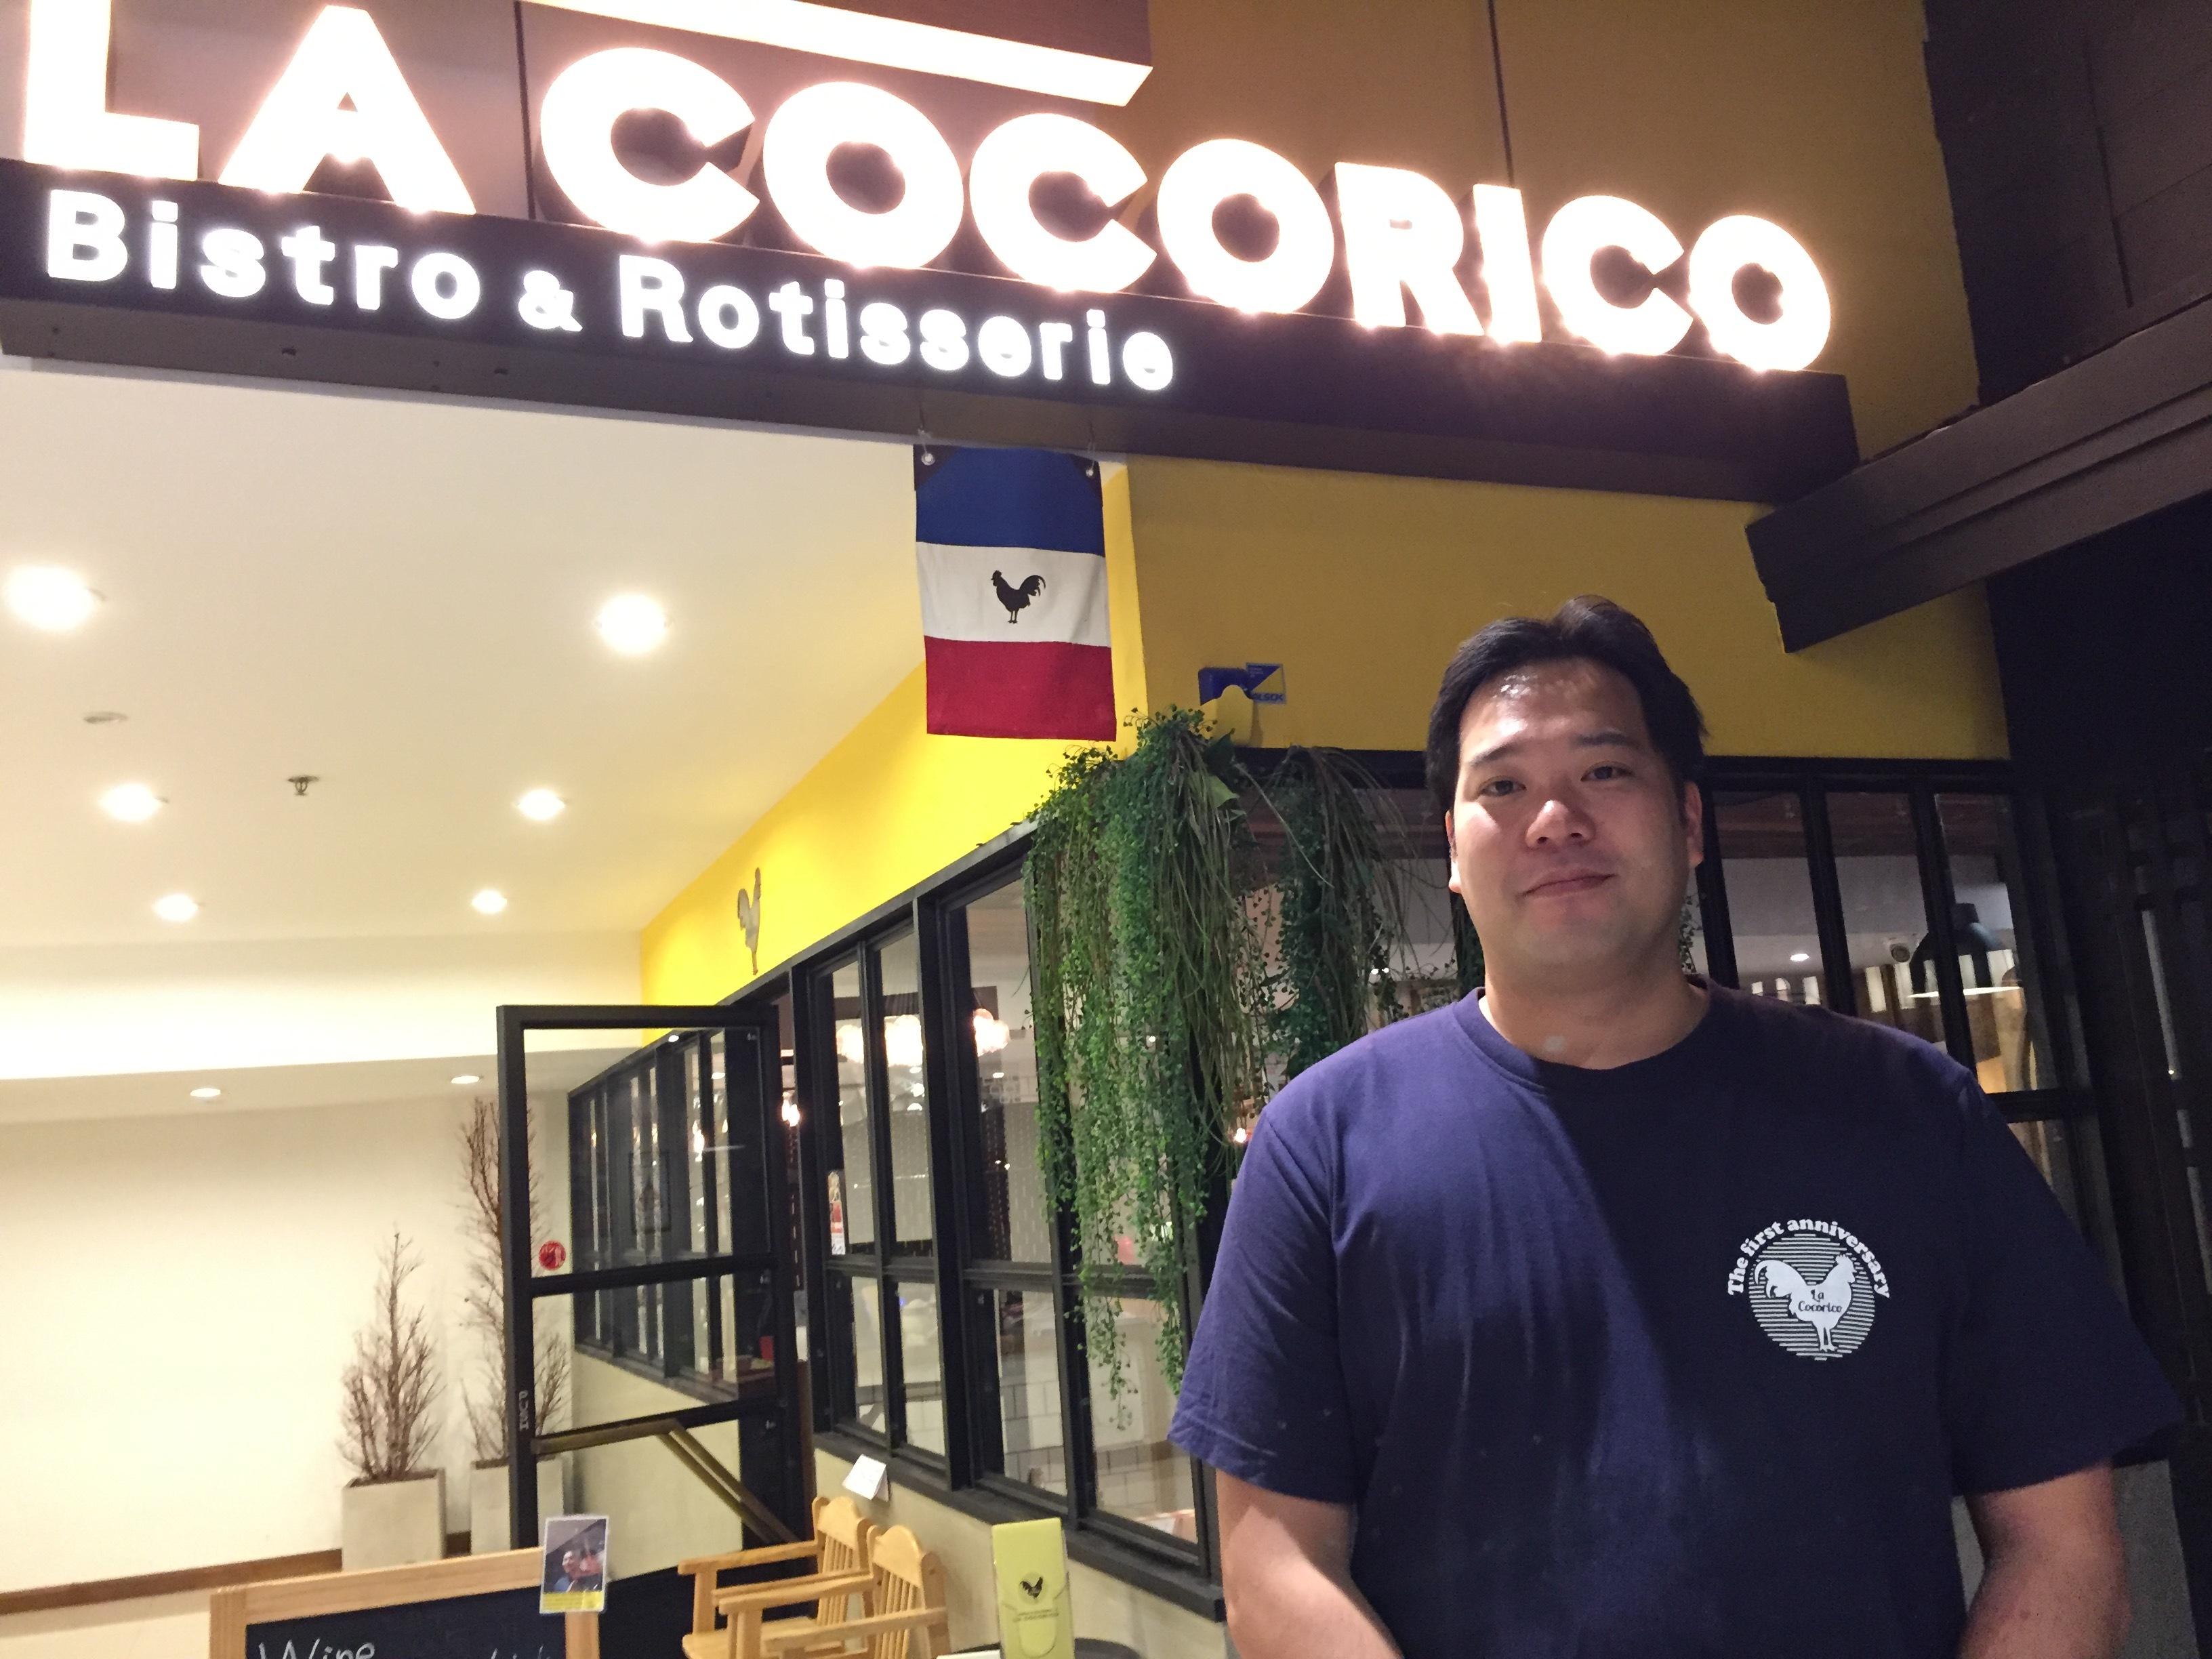 『高橋八大』ーバンコク屈指の実力を誇る人気洋食店『La Cocorico Bangkok』の礎を覗く